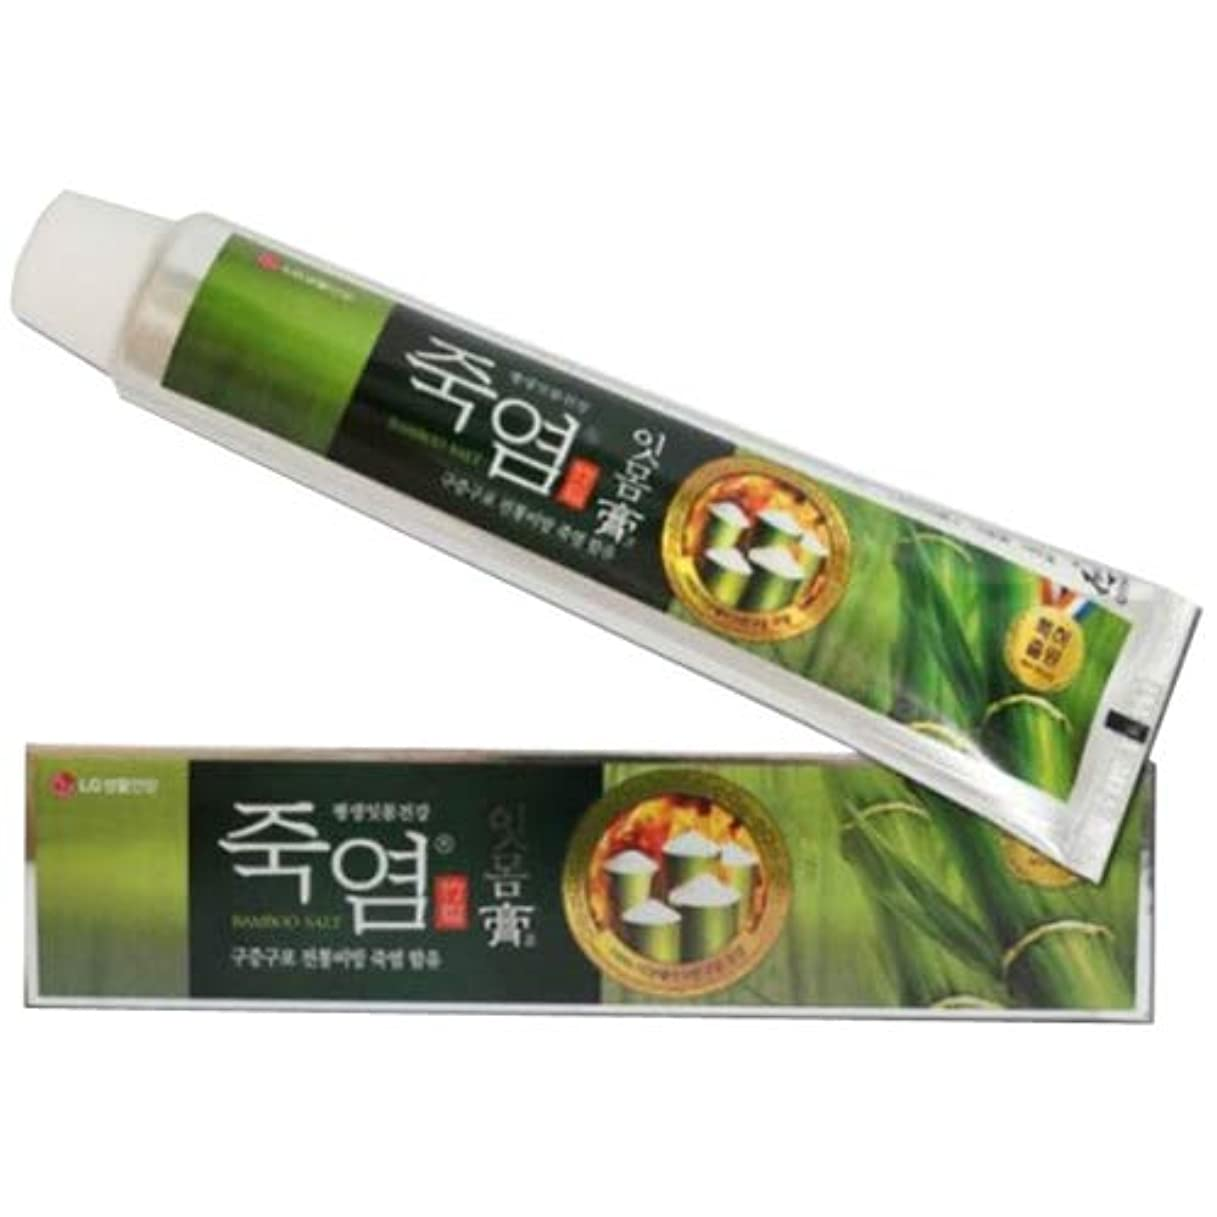 レギュラーだますアーチLG生活健康 竹塩歯磨き粉 (歯康膏:ウンガンゴ)(120g X2個) 竹塩歯磨き粉つぶれて歯茎を健康に ウンガンゴ